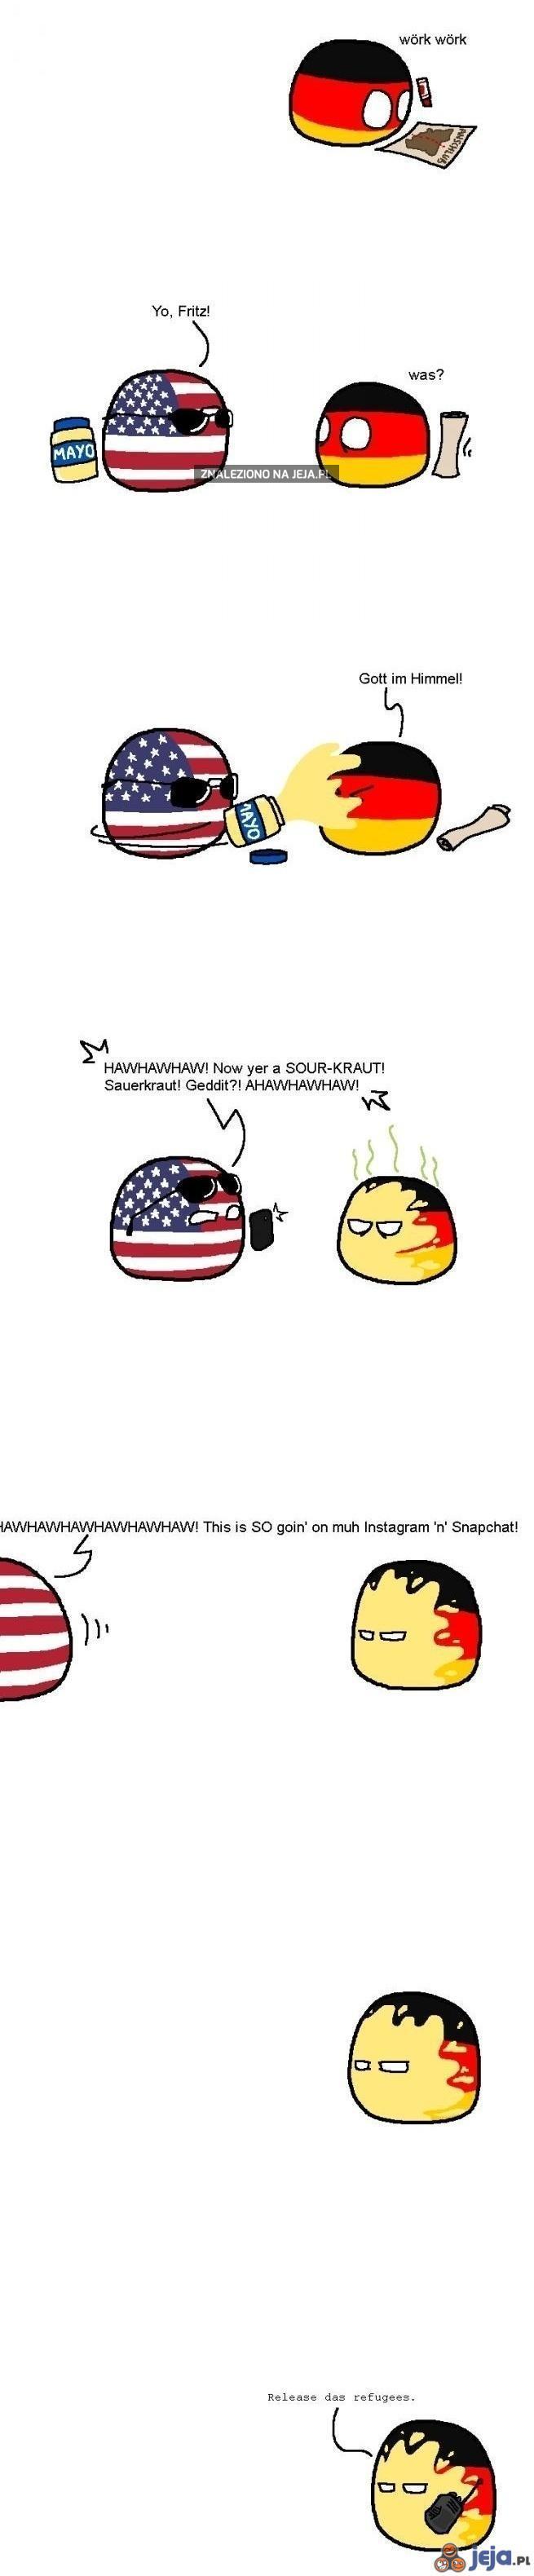 Niemiecka zemsta